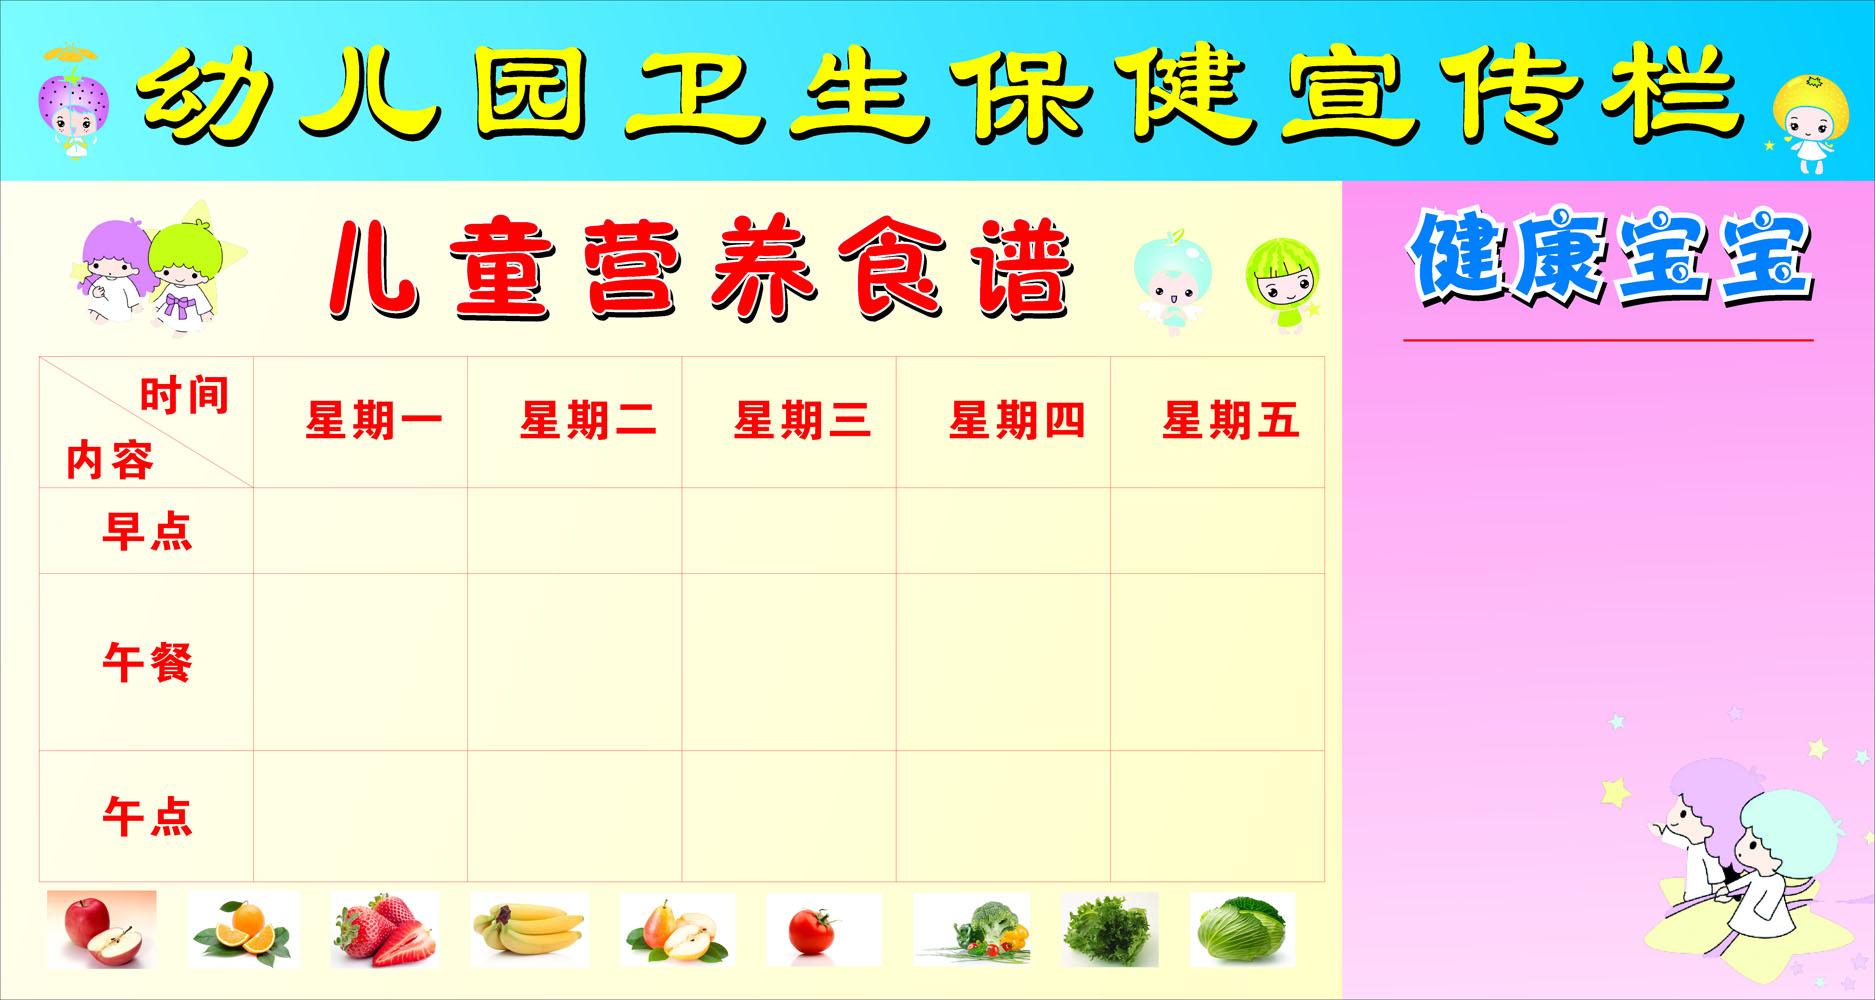 622画布海报展板喷绘素材贴纸703幼儿园卫生保健宣传栏营养食谱